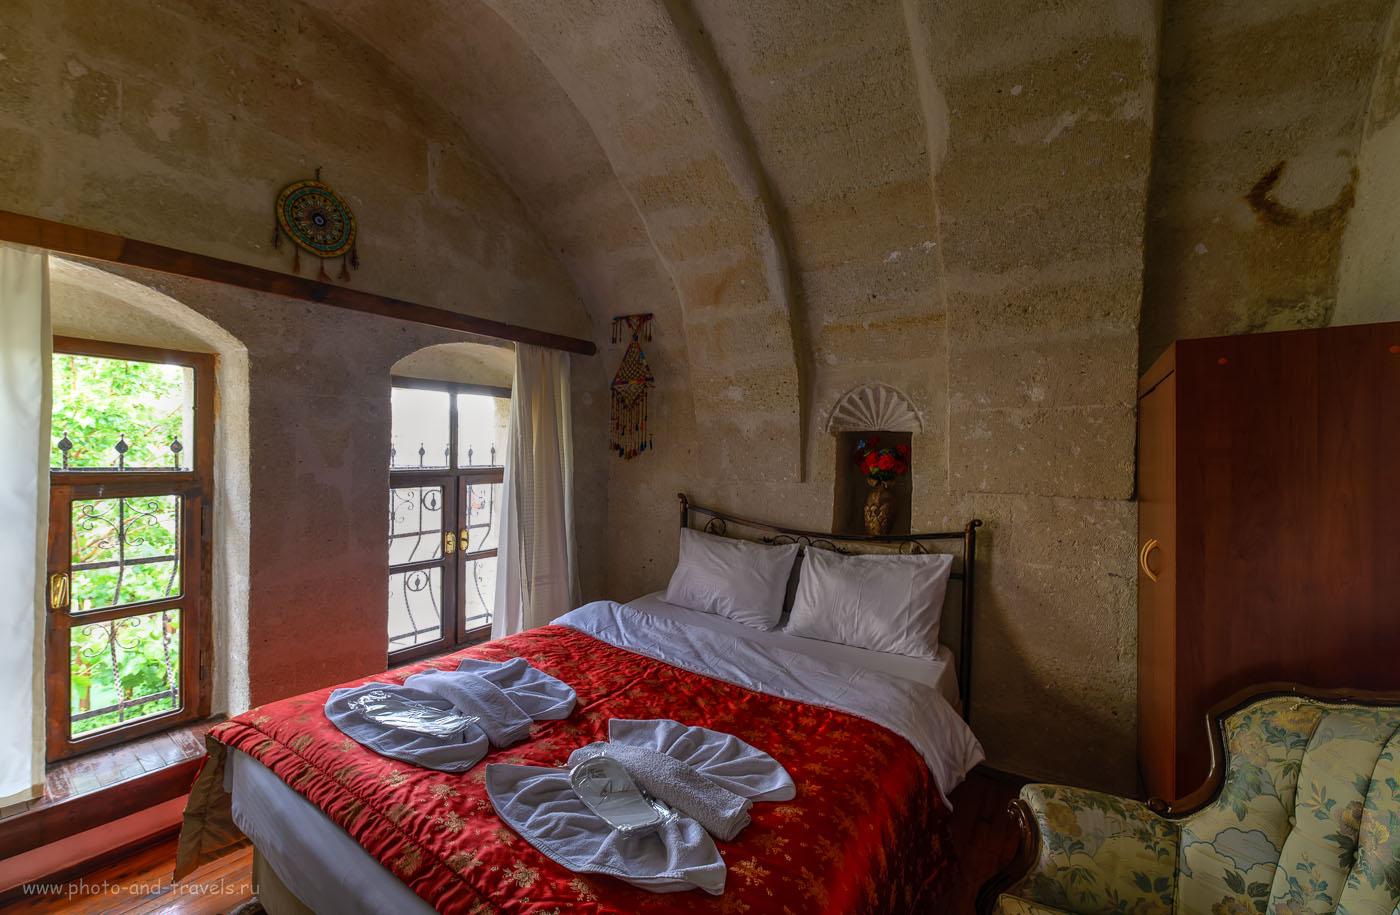 Фотография 8. Комната в отеле Melek Cave Hotel в поселке Гёреме. Не знаете, где поселиться в Каппадокии? Рекомендую эту гостиницу! Отзывы об отдыхе в Турции. HDR из 3-х кадров. Объектив Samyang 14mm f/2.8.